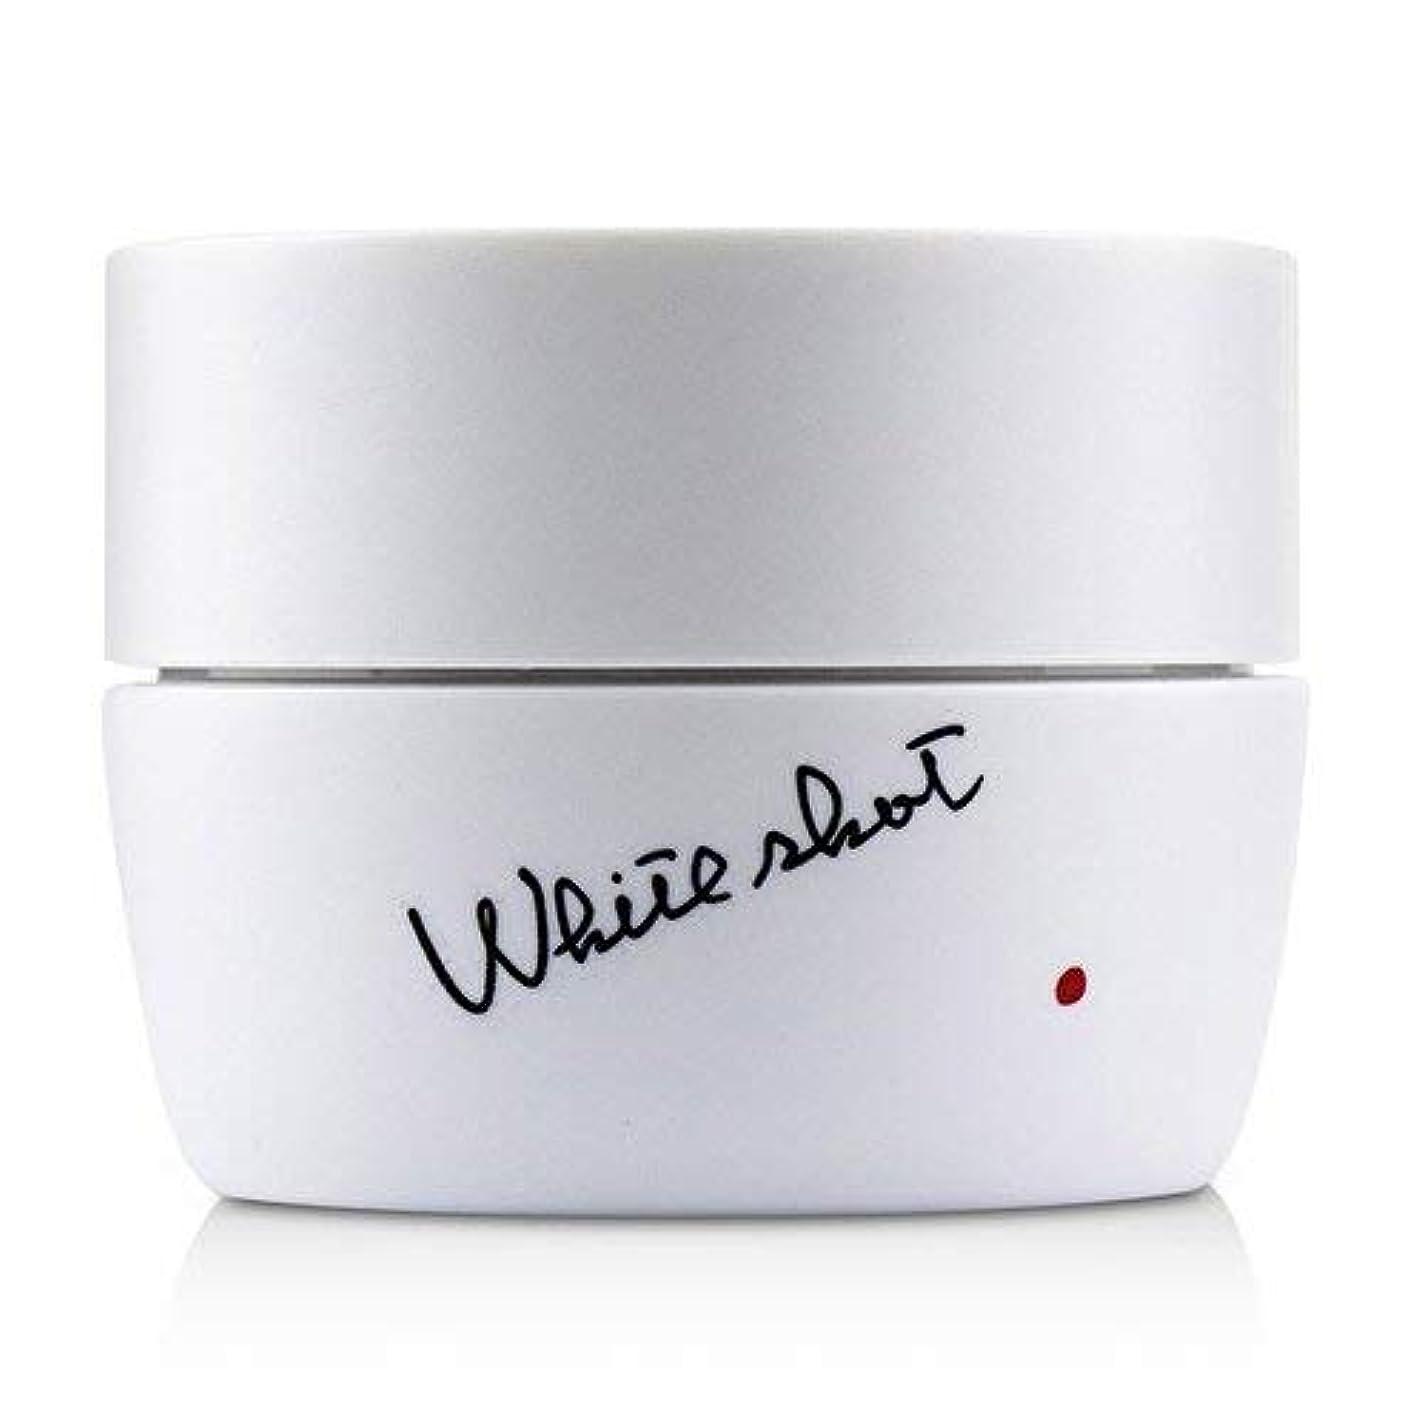 硬化するなんとなく規定pola ホワイトショットRXS 新商品